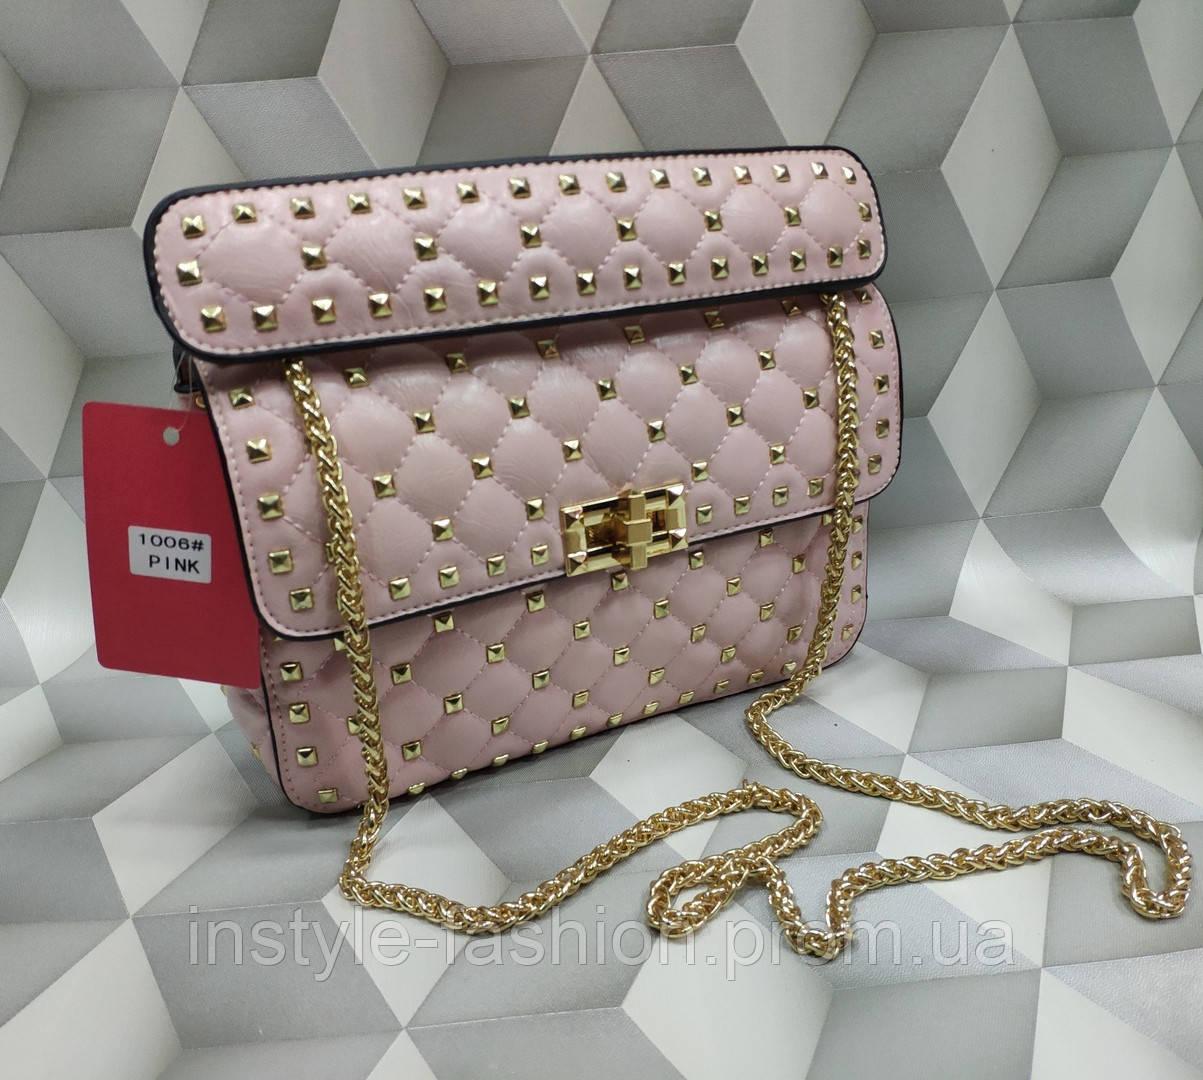 c1d8fe6b0475 Женская сумка-клатч копия Валентино Valentino качественная эко-кожа дорогой  Китай розовая